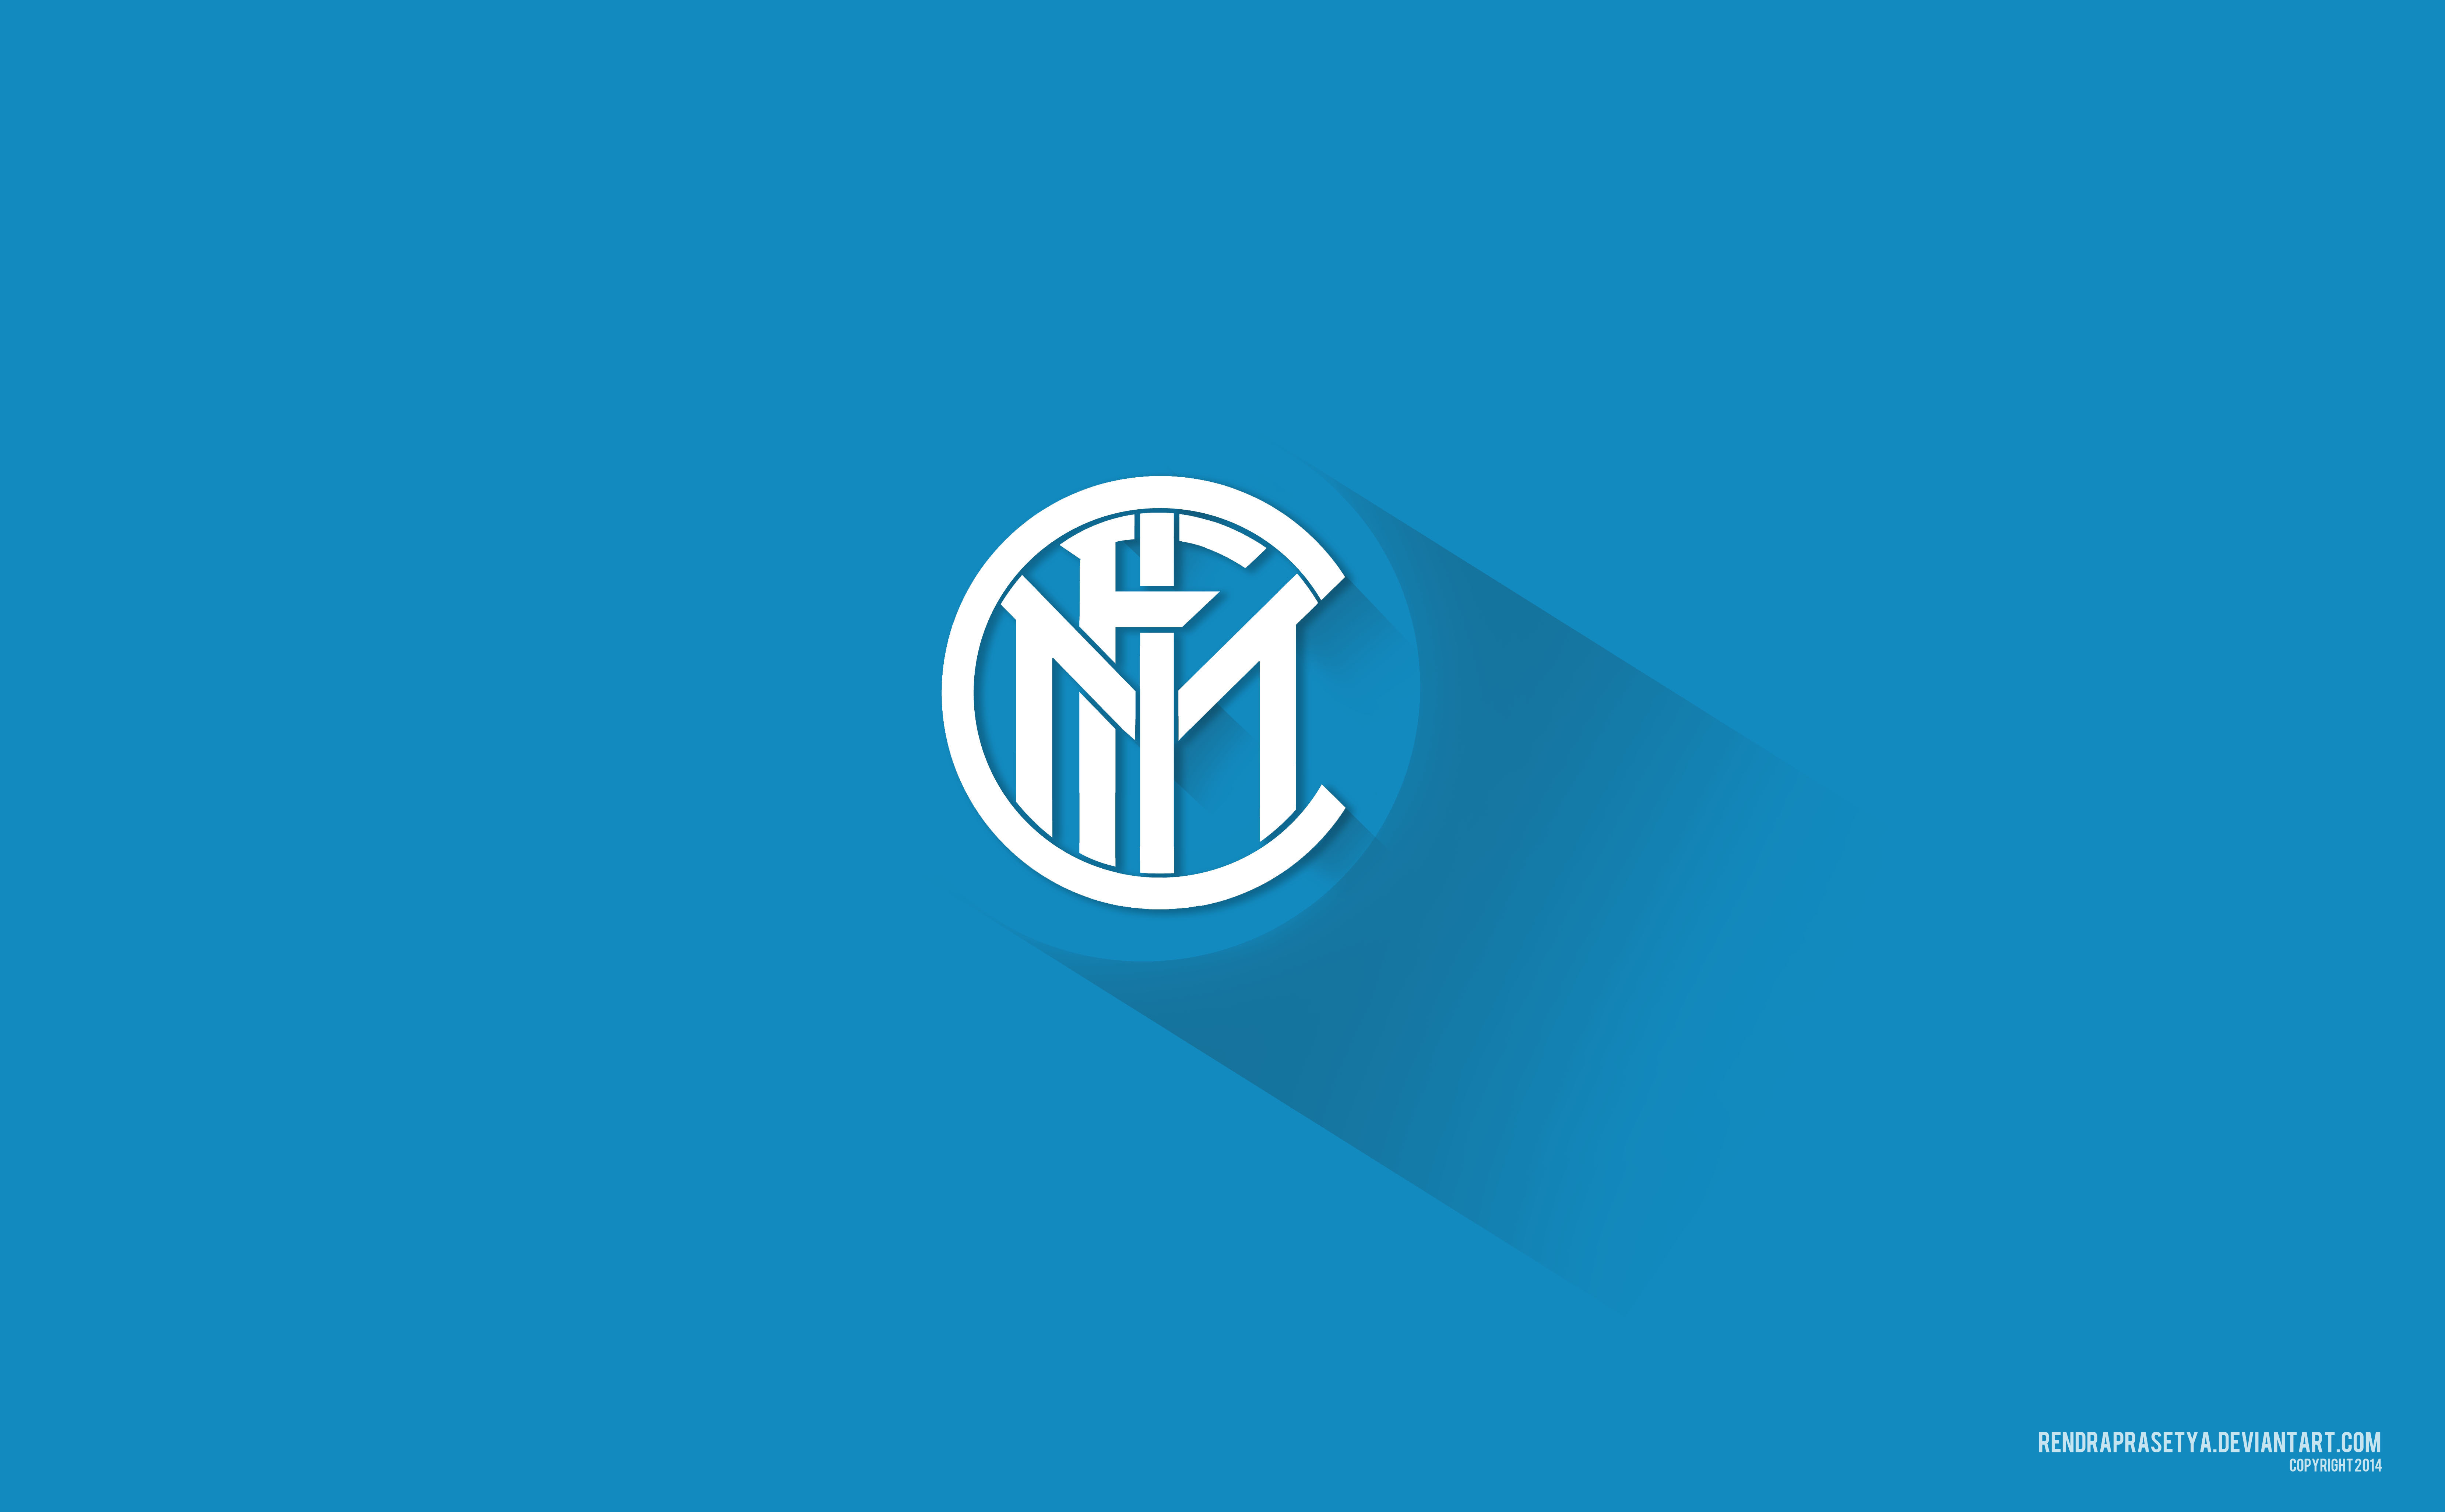 Inter Milan Material Design Logo 5k Hd Sports 4k